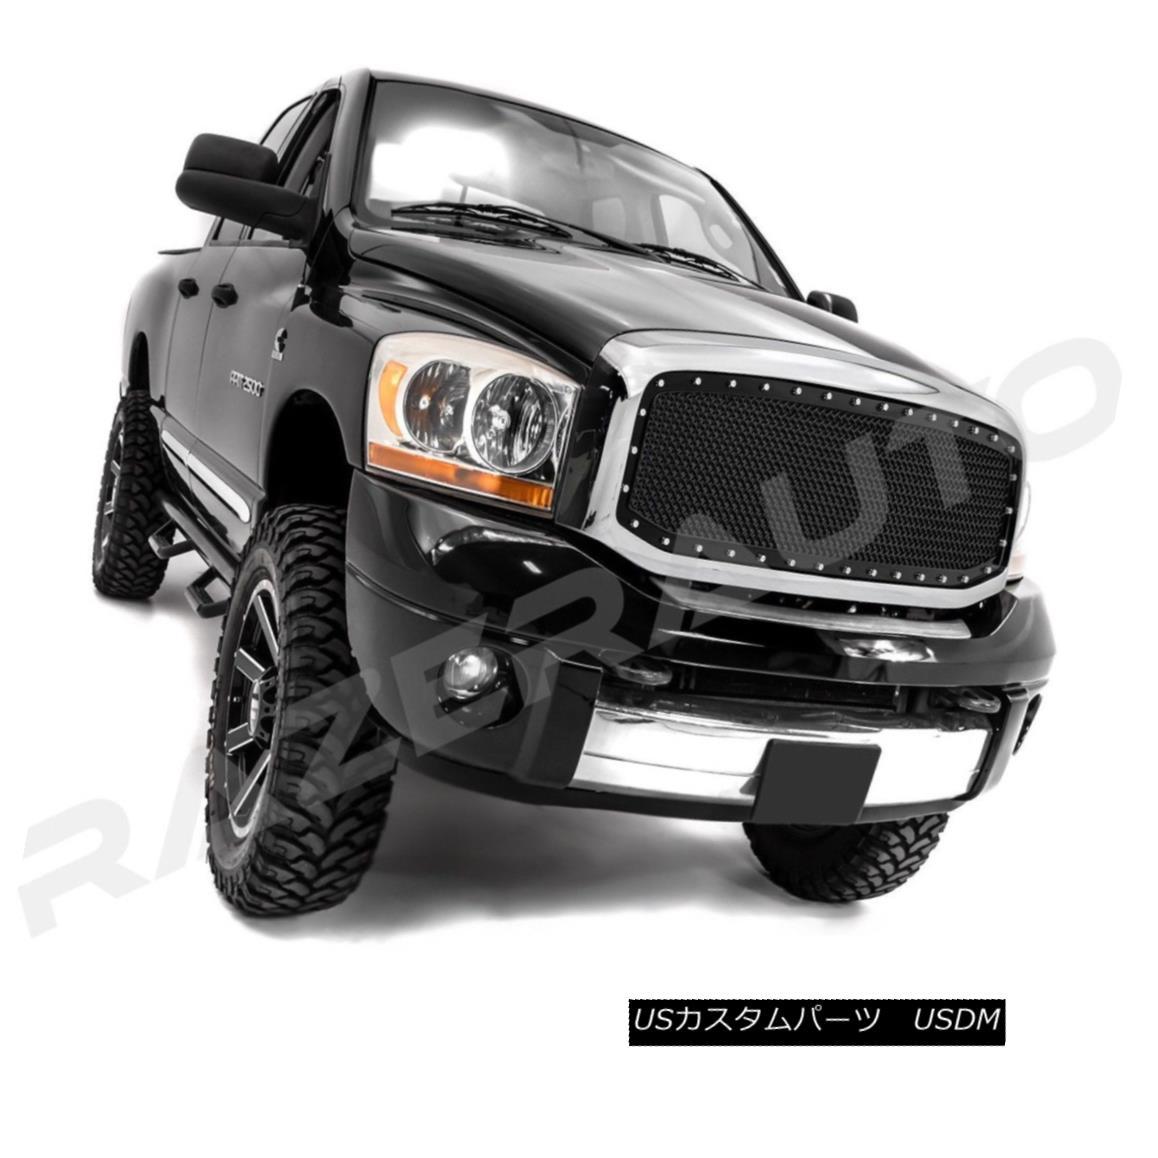 グリル 06-09 Dodge RAM 2500+3500 Front Hood Black Mesh Grille+Rivet+Chrome Outer Shell 06-09ダッジRAM 2500 + 3500フロントフードブラックメッシュグリル+リベット+ C hromeアウターシェル